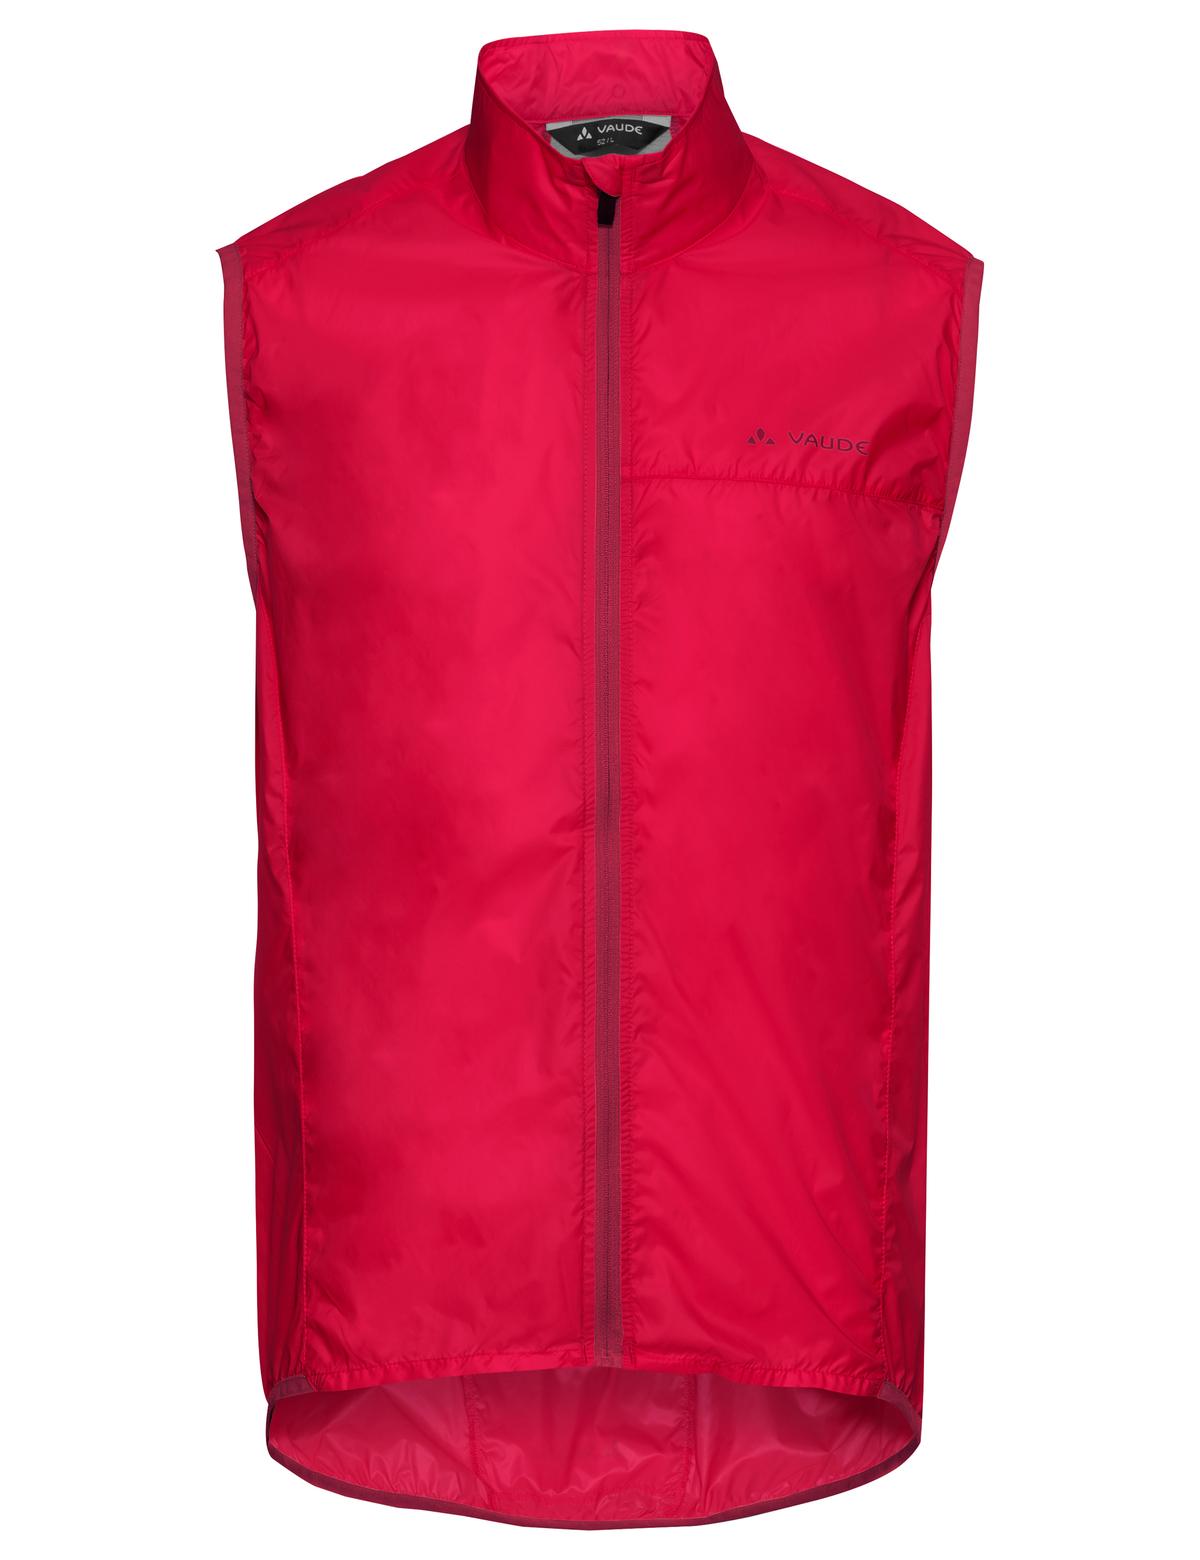 VAUDE Men´s Air Vest III indian red Größe M - 2-Rad-Sport Wehrle